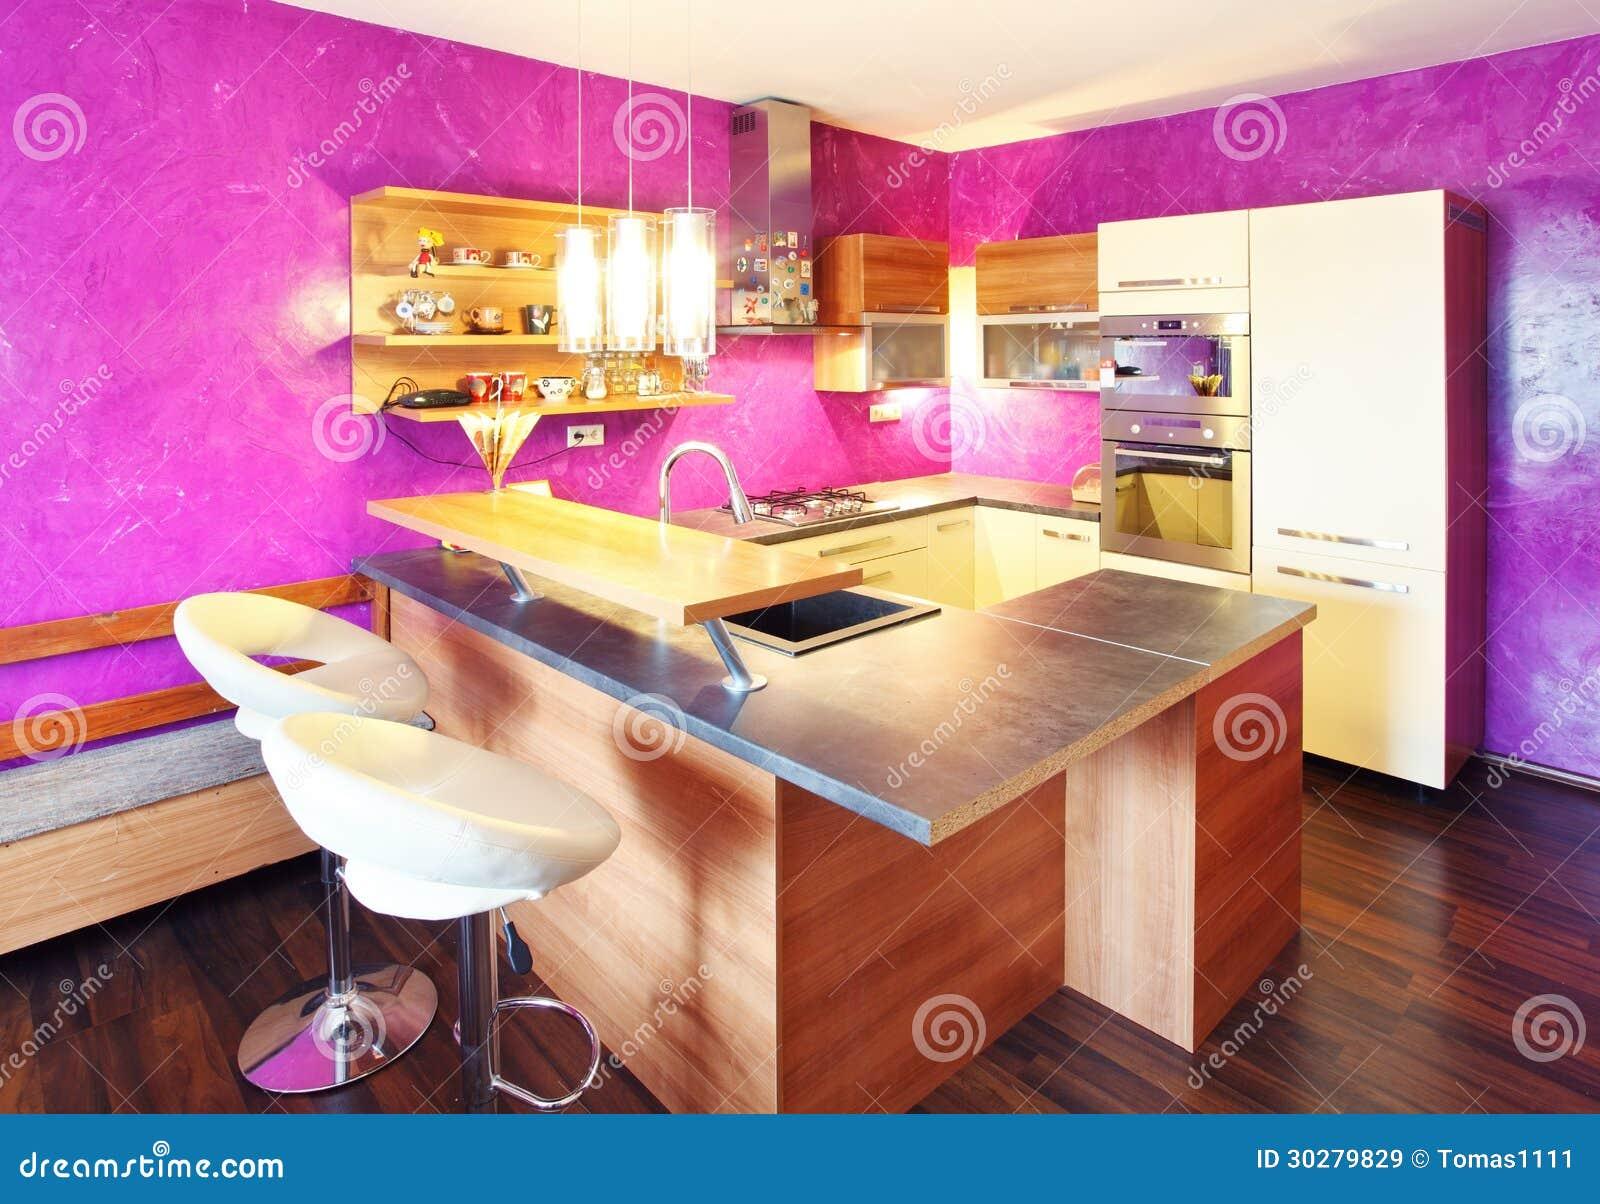 Keuken Moderne Bar : Moderne keuken met bar stock afbeelding afbeelding bestaande uit